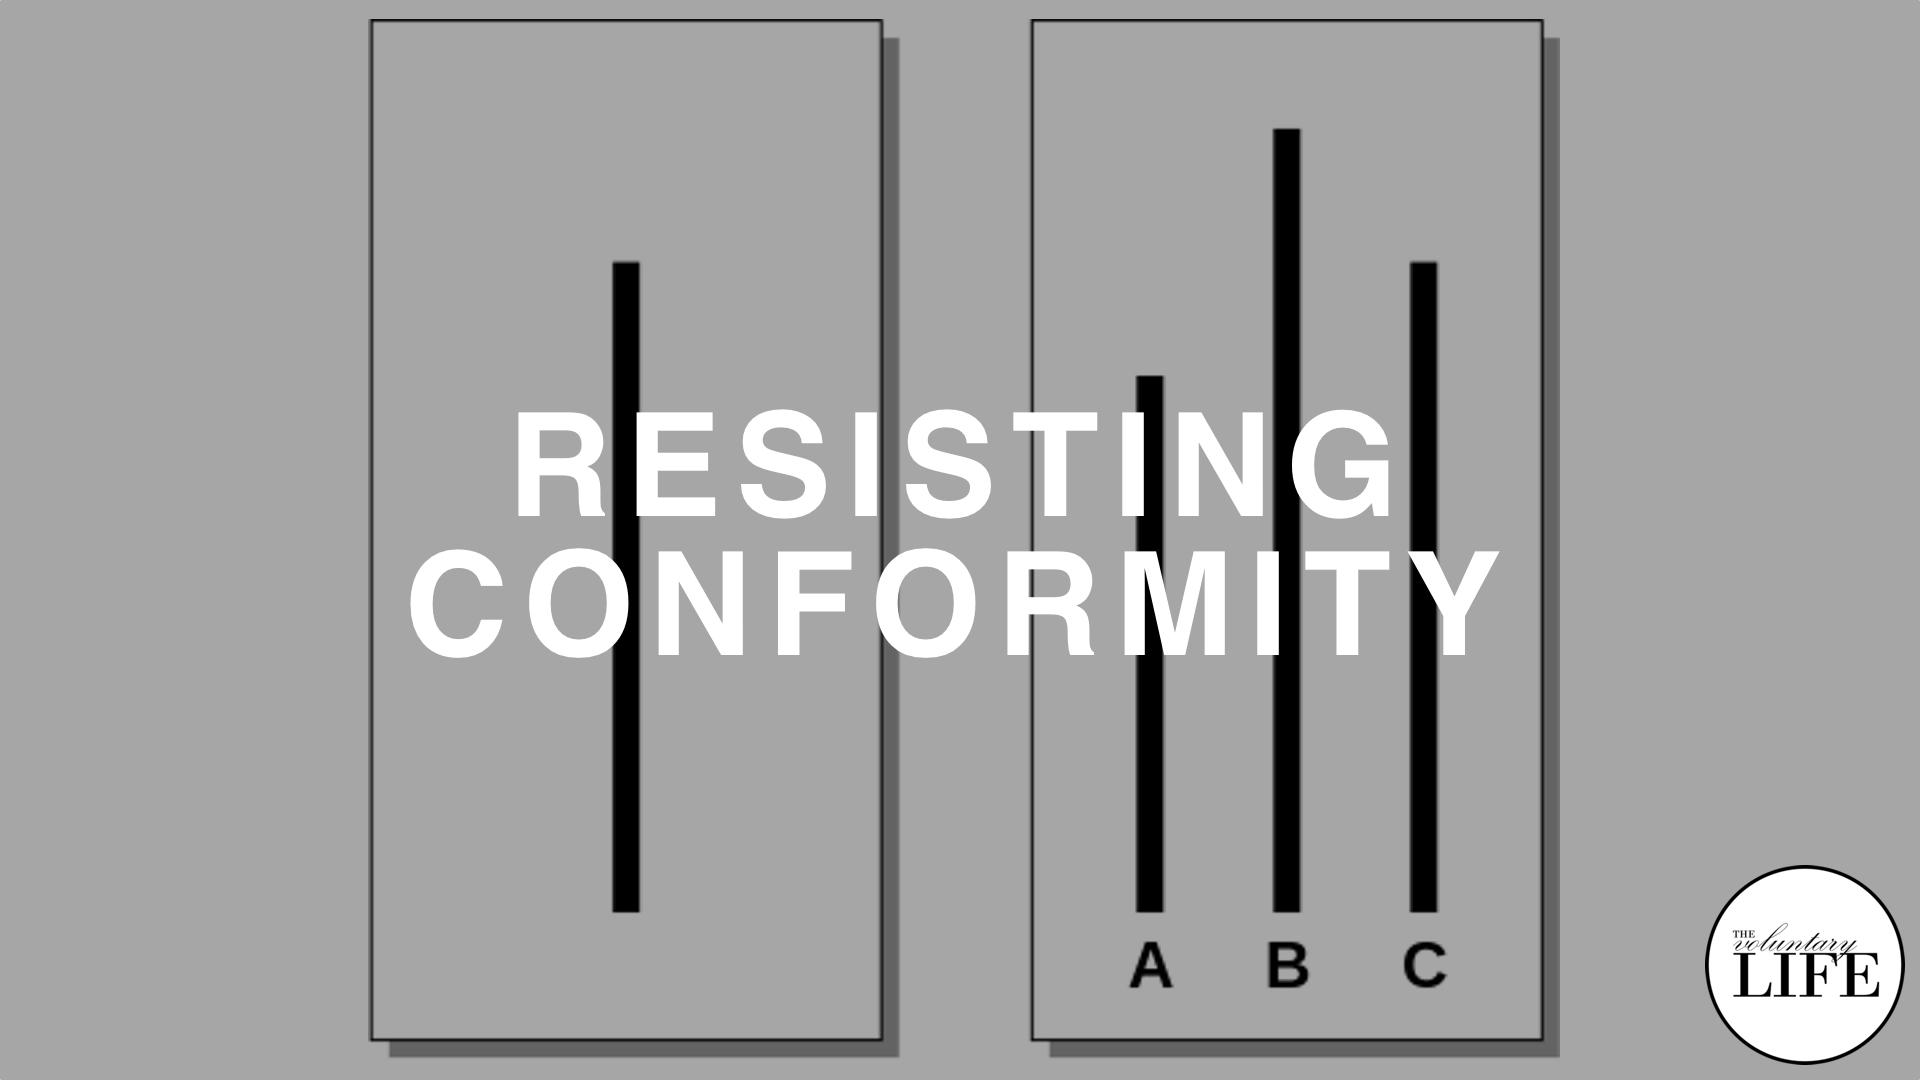 197 Resisting Conformity